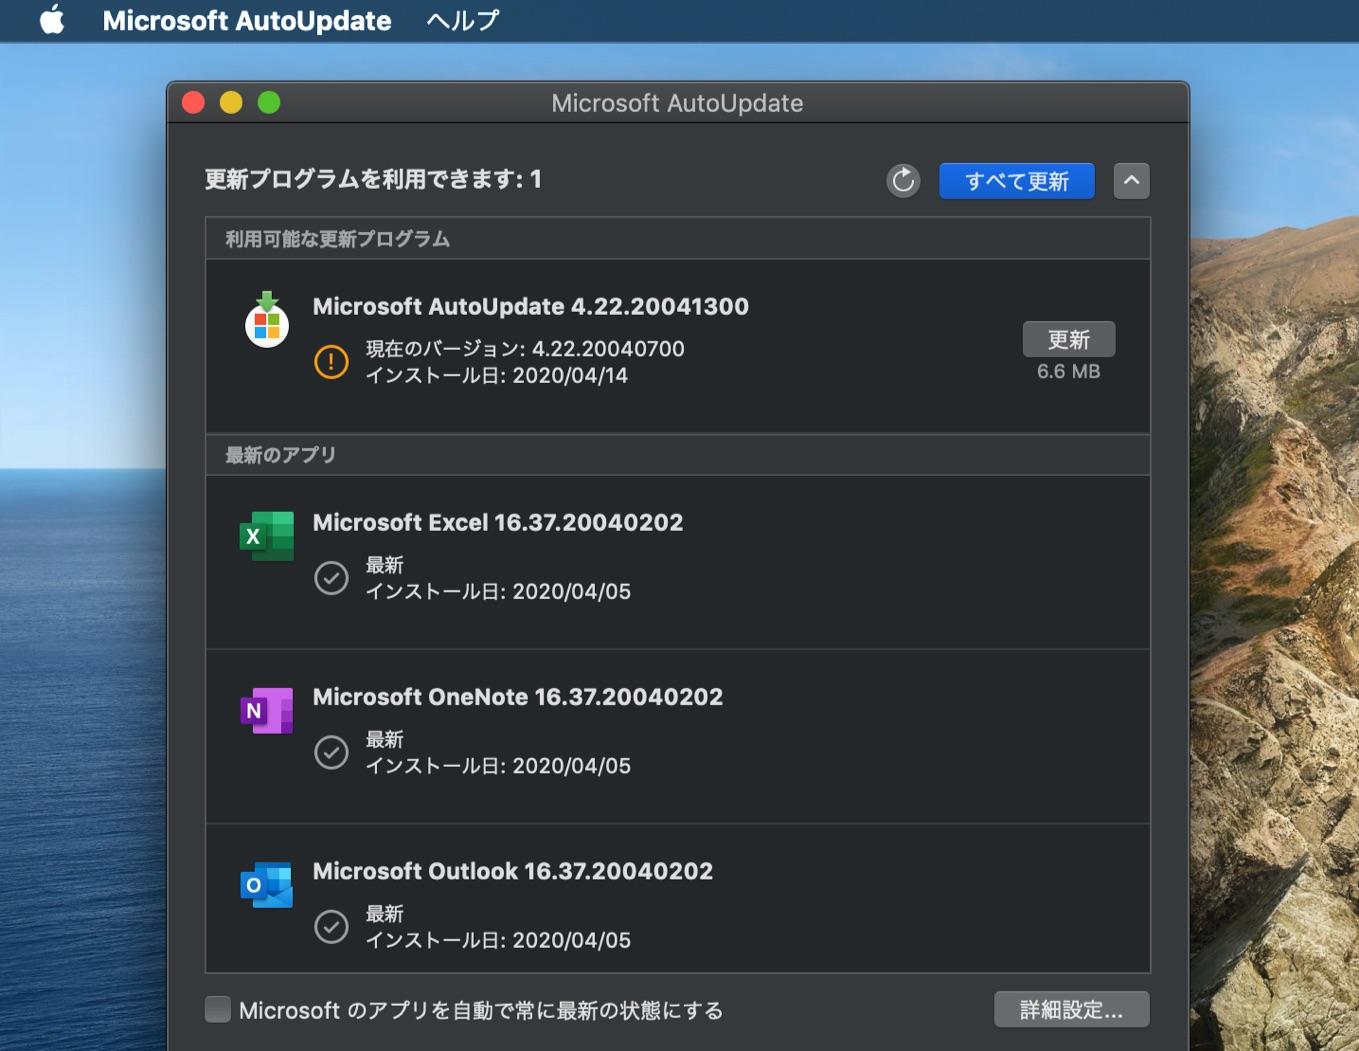 Microsoft AutoUpdate v4.22 update